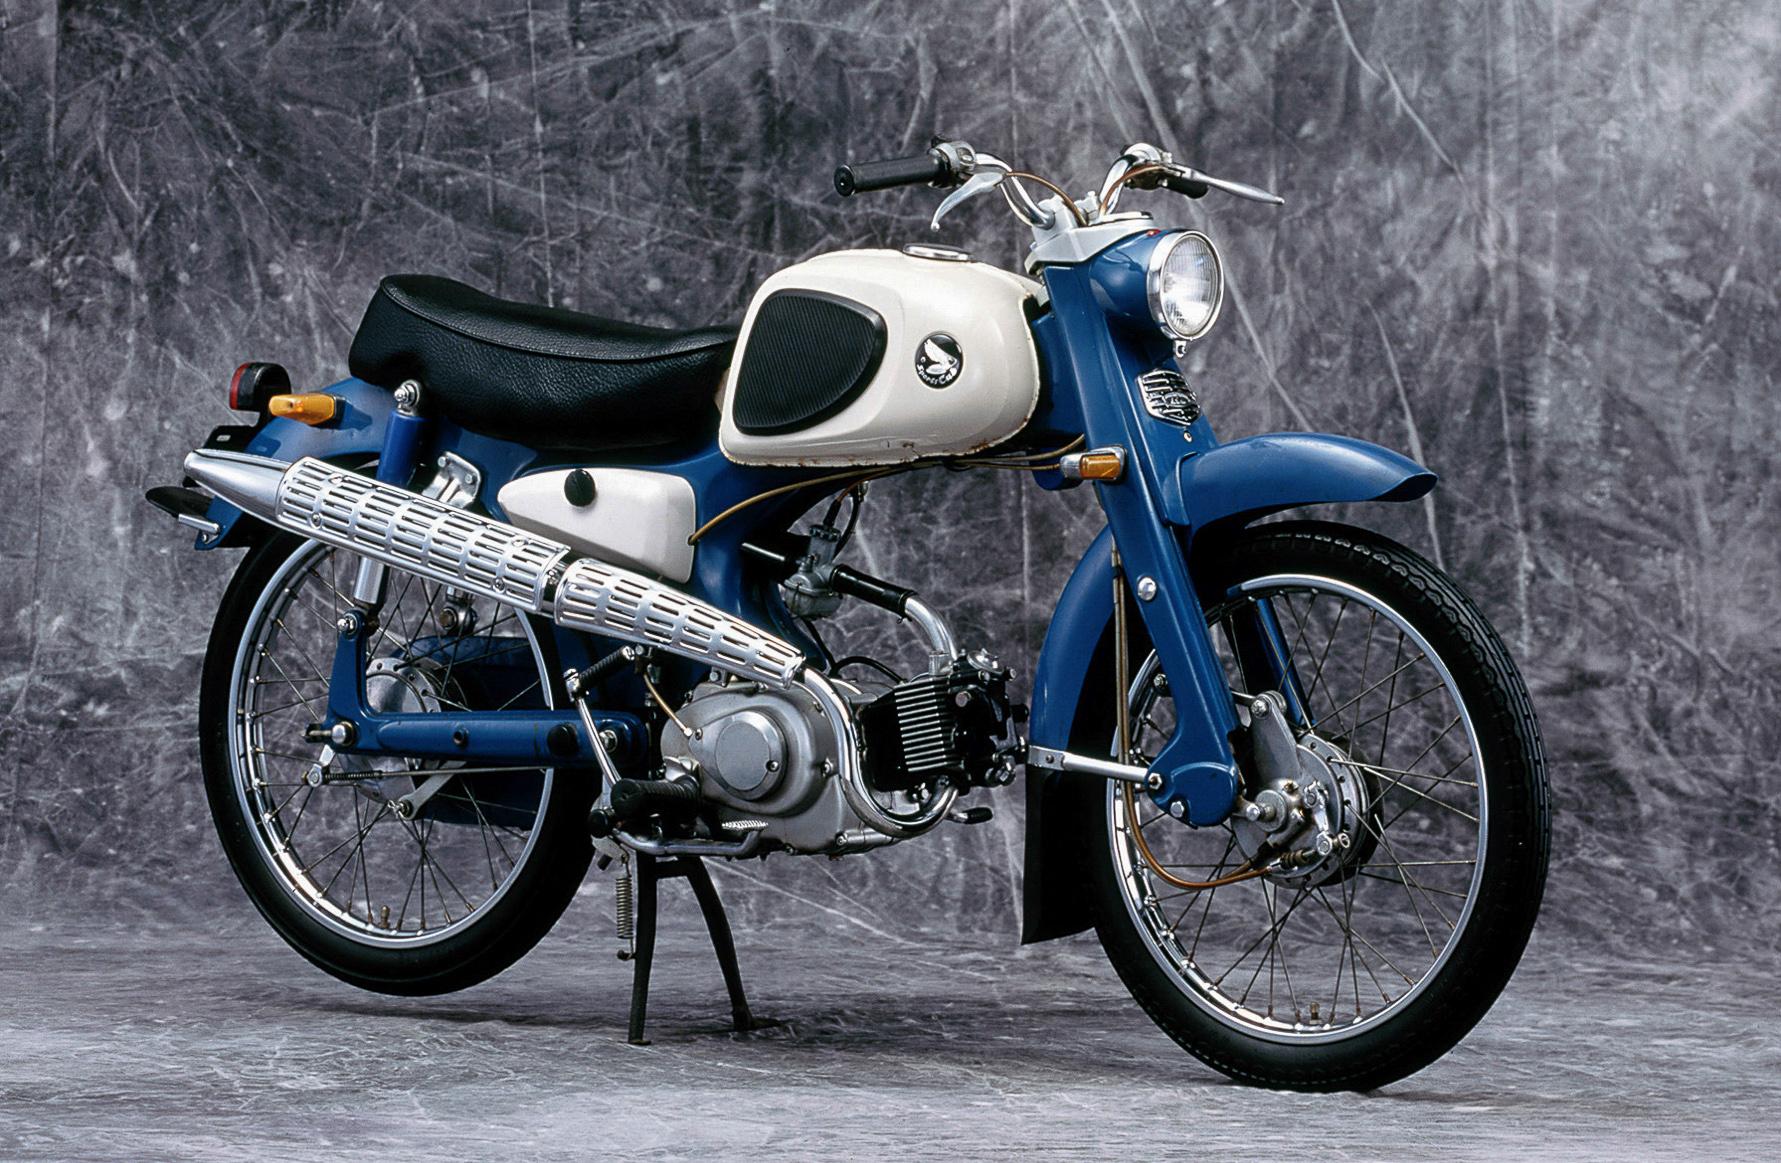 Honda C 110 Sport Cub